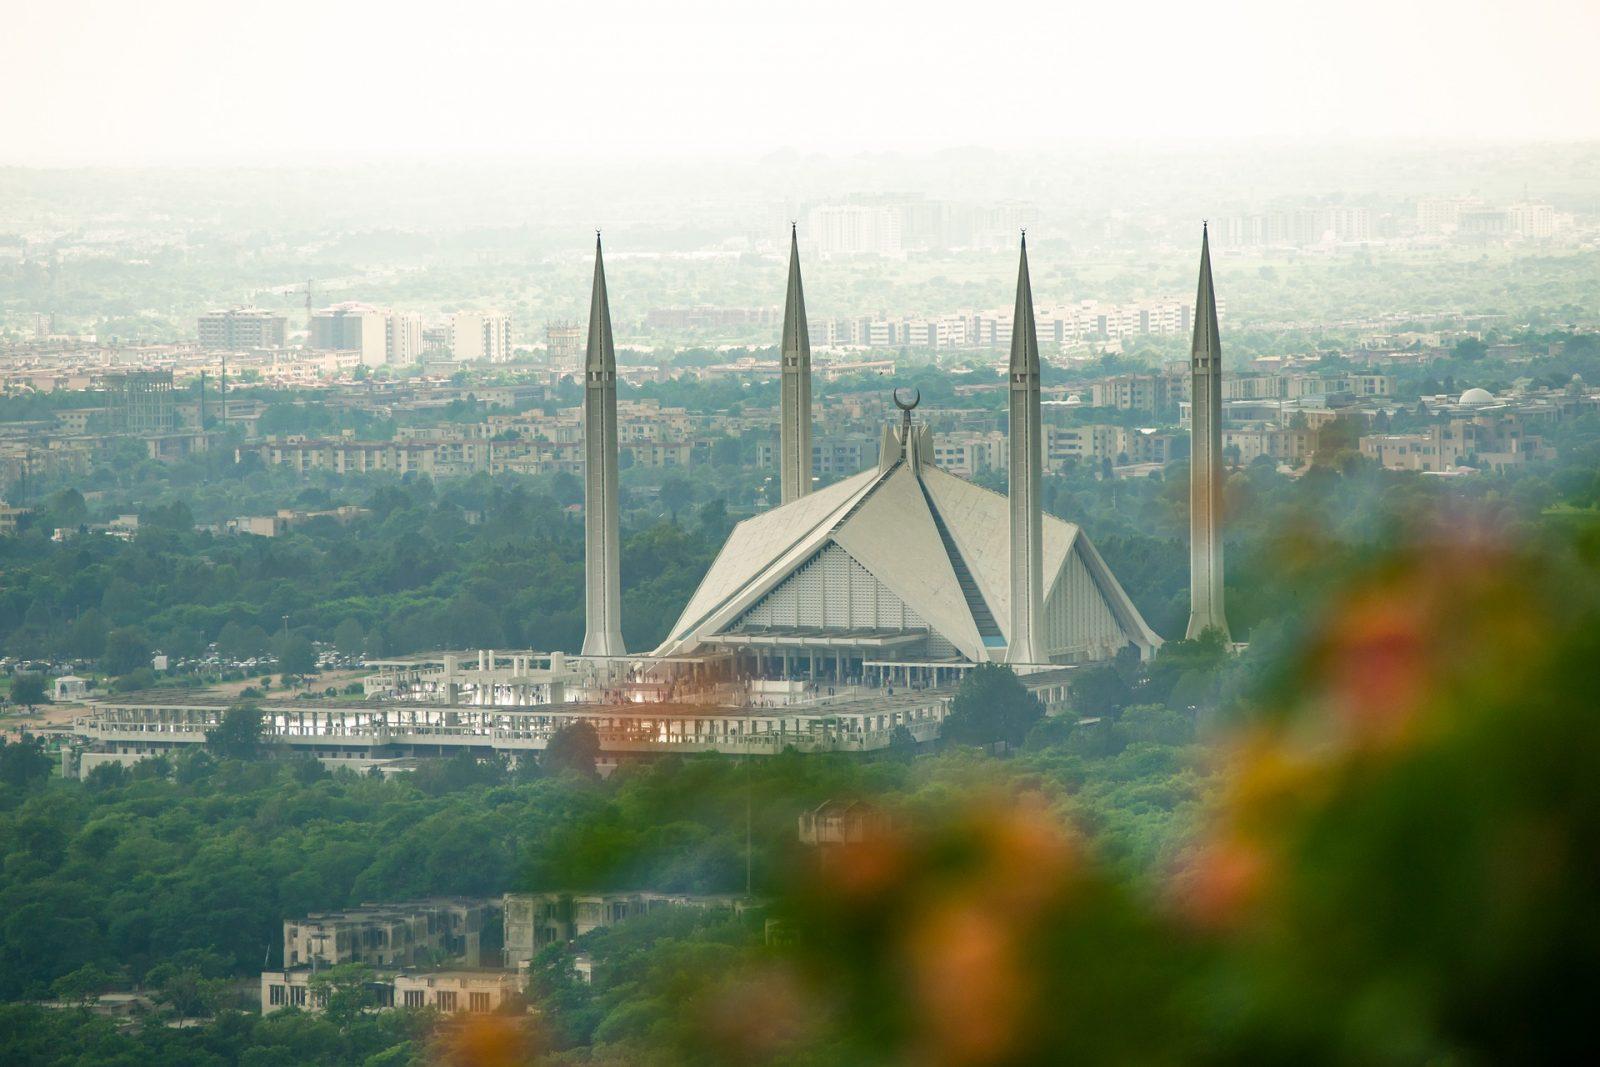 faisal mosque 4811584 1920